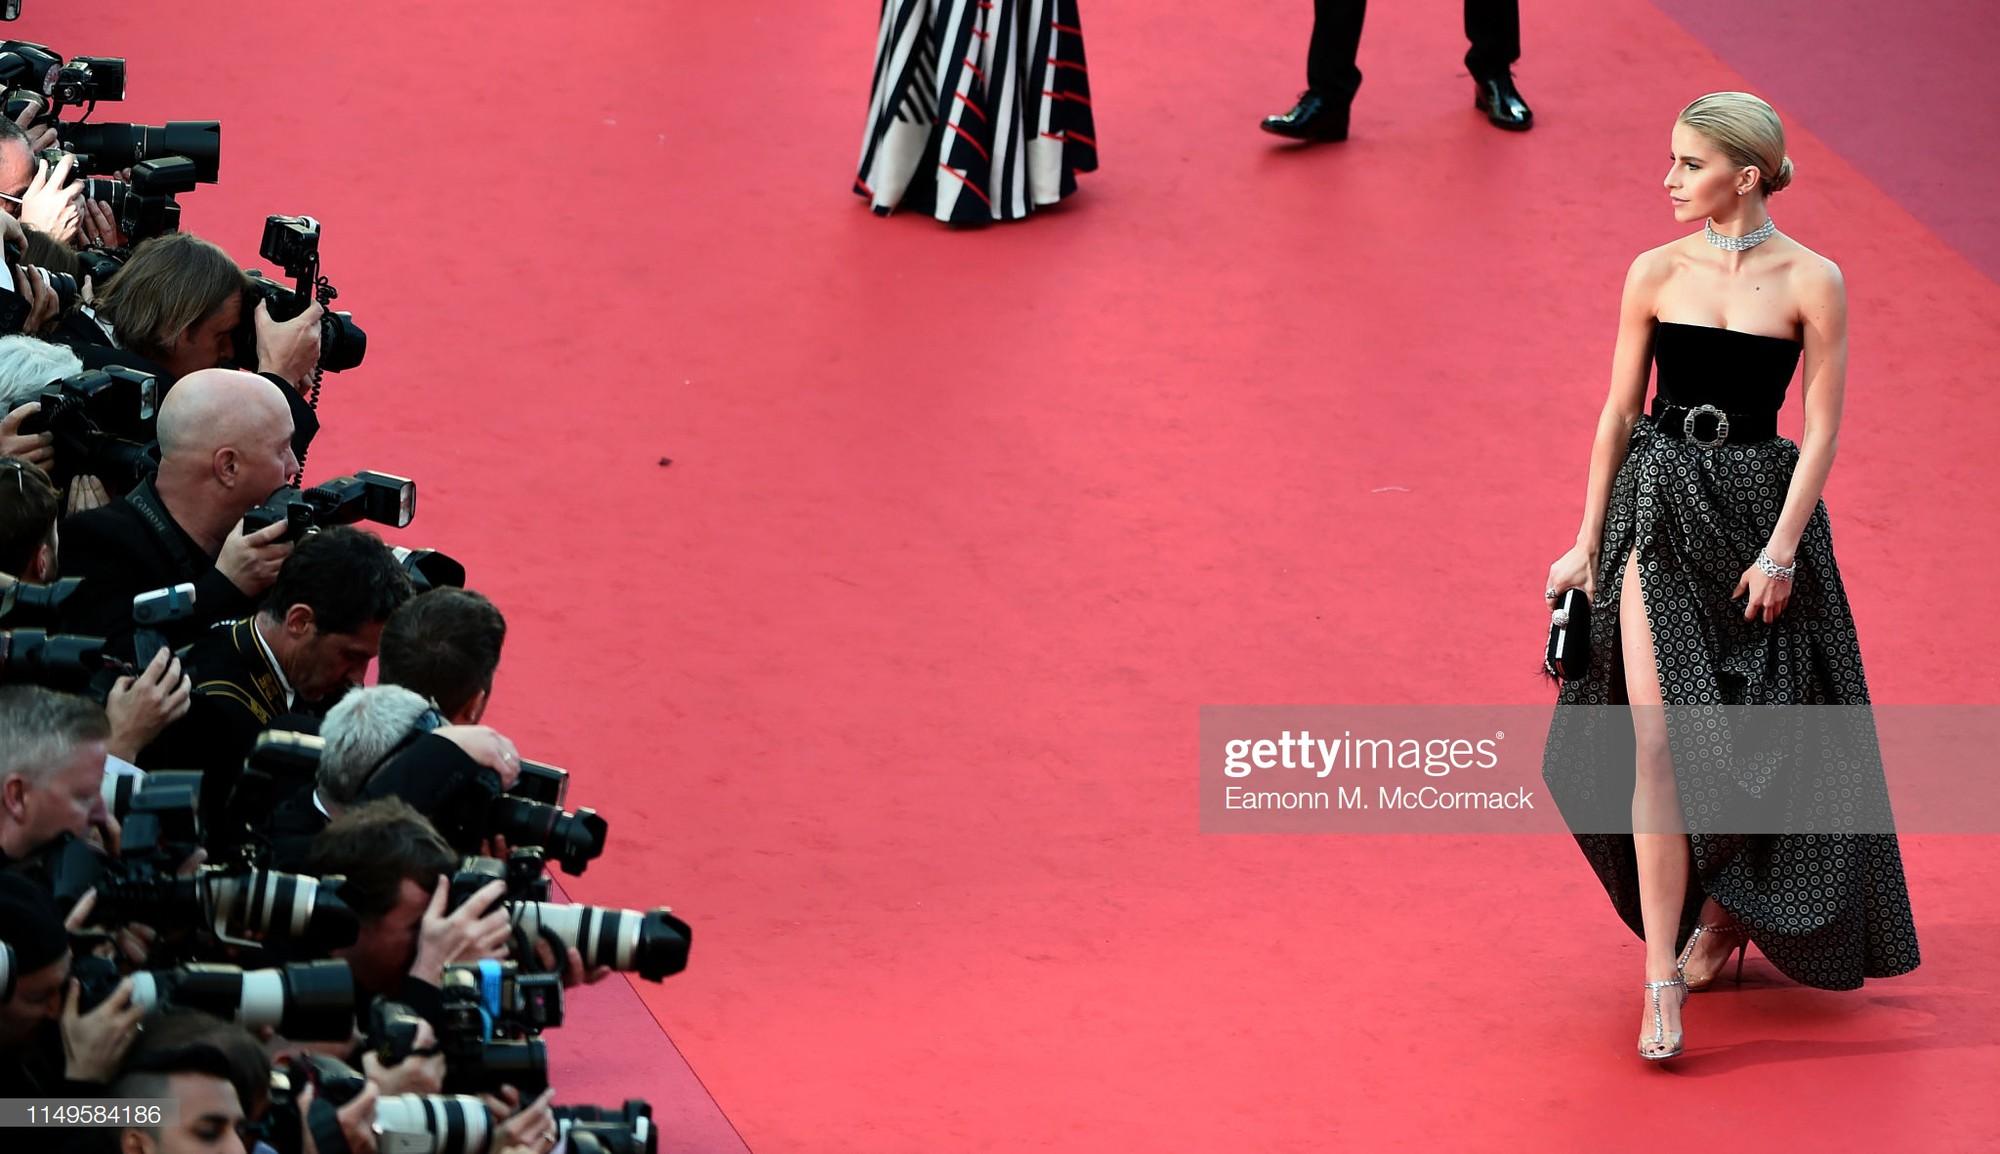 Thảm đỏ Cannes ngày 3: HLV The Face Thái Lan bất ngờ vùng lên chặt chém Bella Hadid cùng dàn mỹ nhân váy xẻ - Ảnh 30.